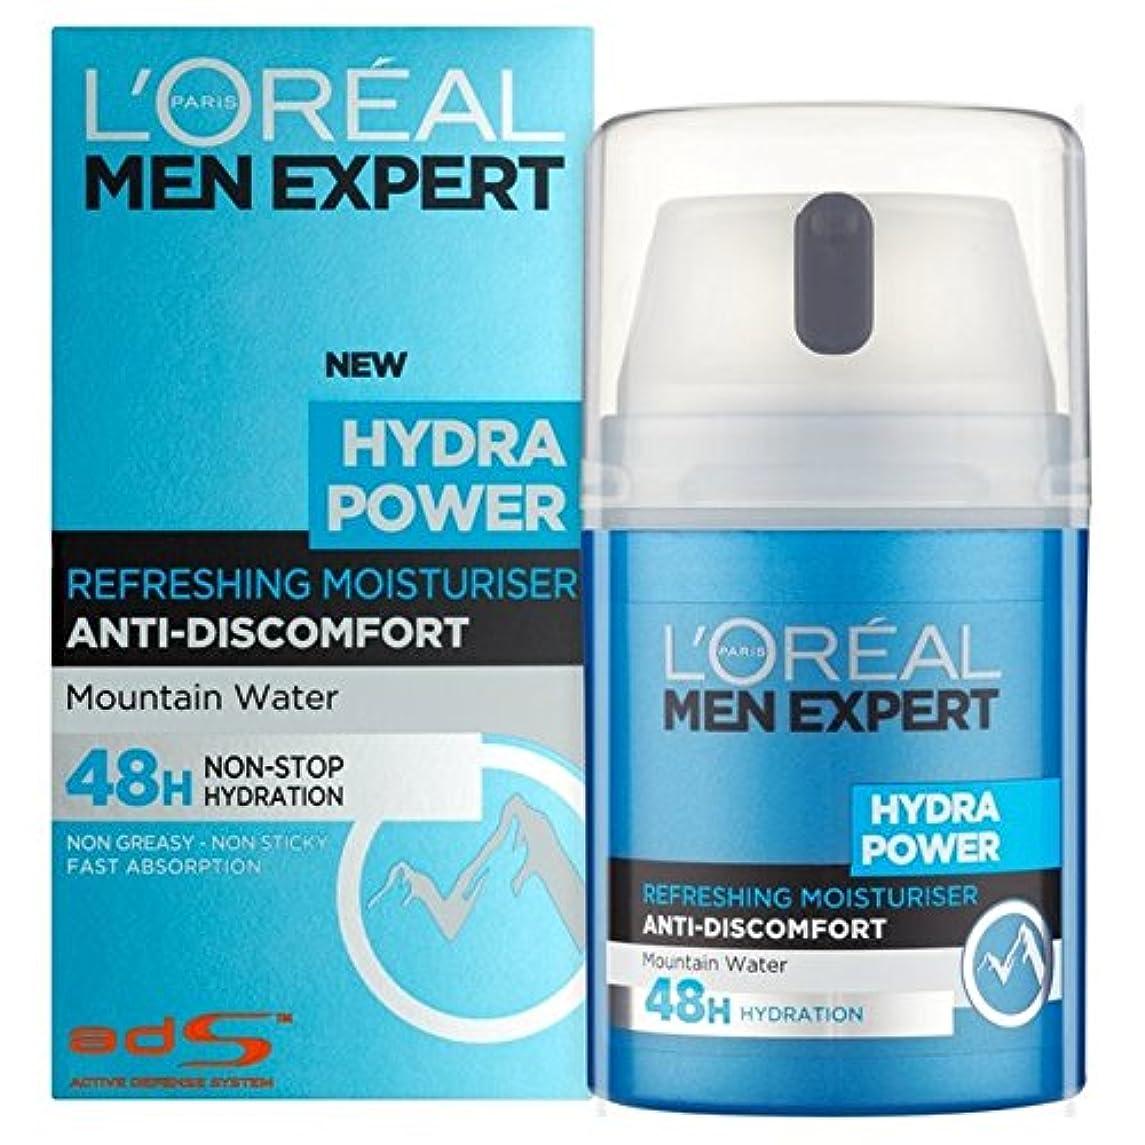 未満聖職者溶けたロレアルパリのメンズ専門ヒドラ電源爽やか保湿50ミリリットル x2 - L'Oreal Paris Men Expert Hydra Power Refreshing Moisturiser 50ml (Pack of 2) [並行輸入品]